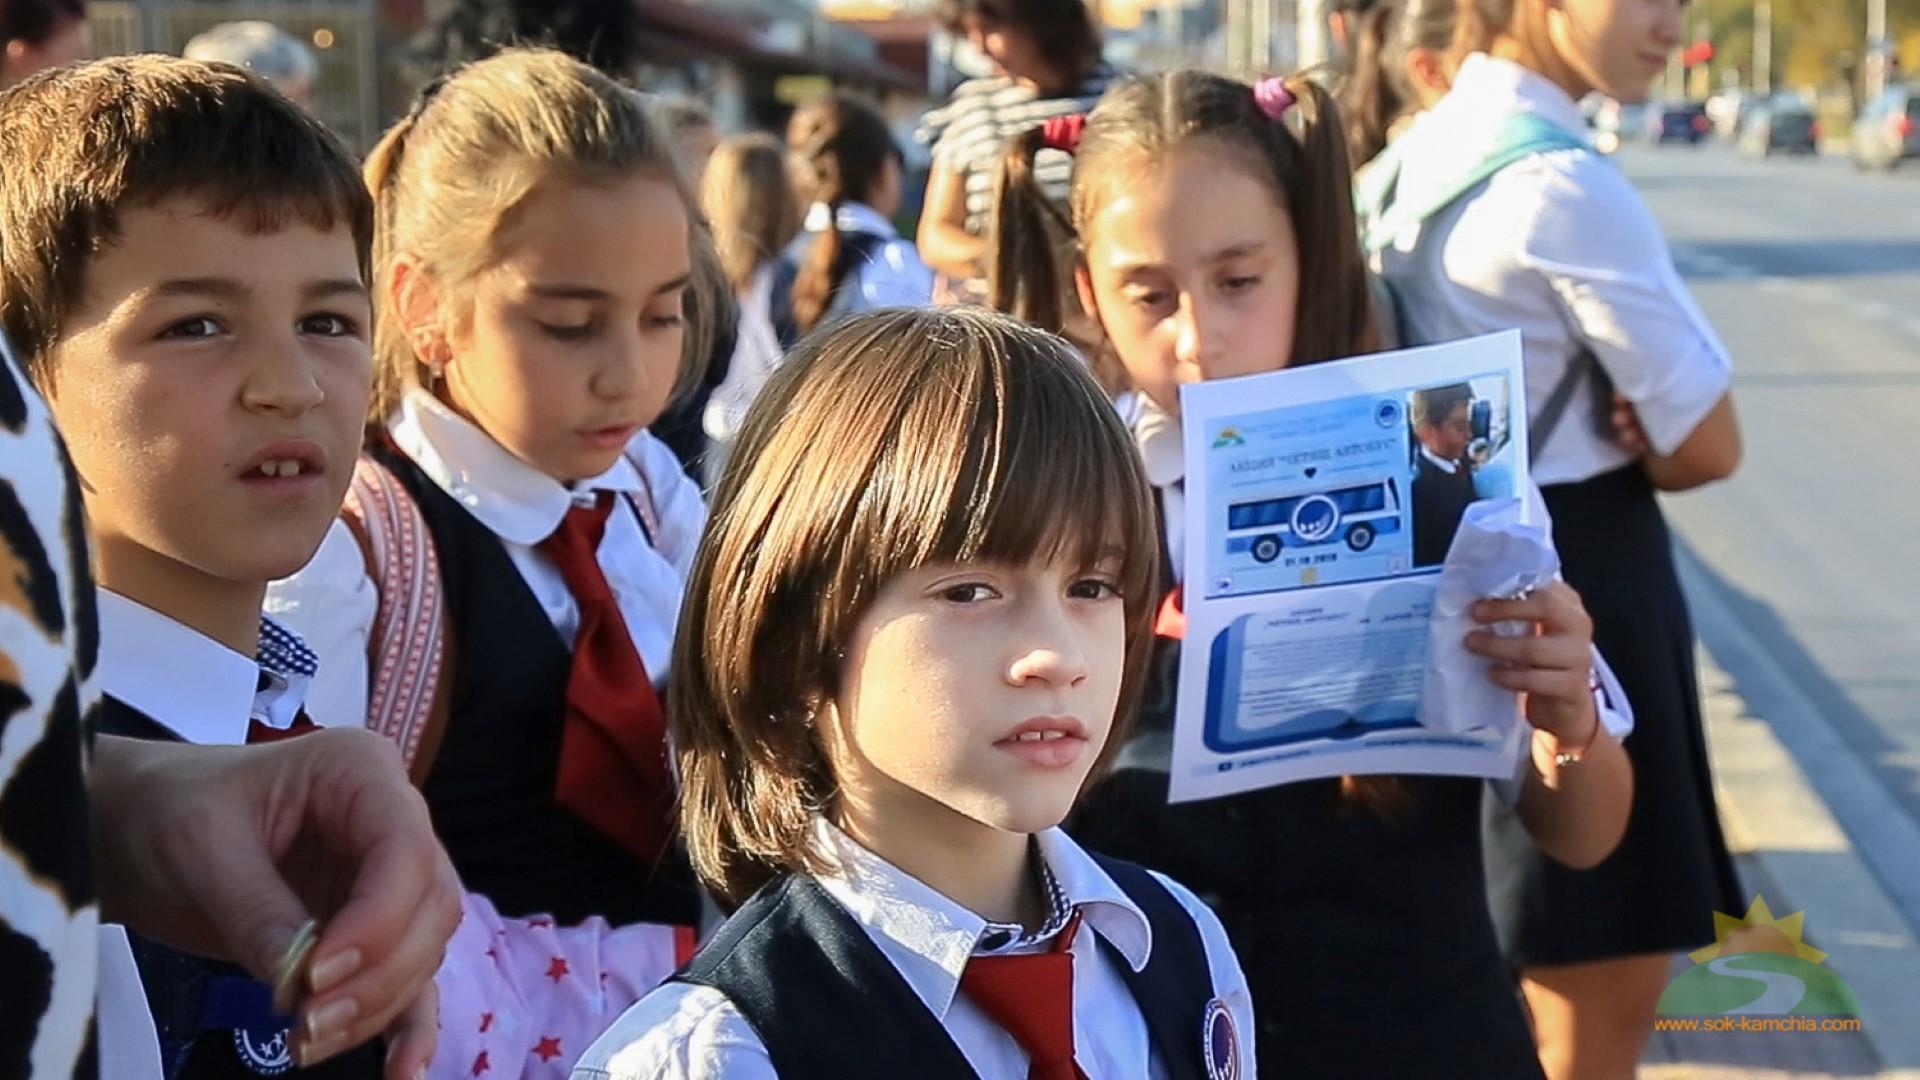 """Ученици от ЧСУ """"Юрий Гагарин"""" ще четат знакови произведения на пътниците в градския транспорт"""